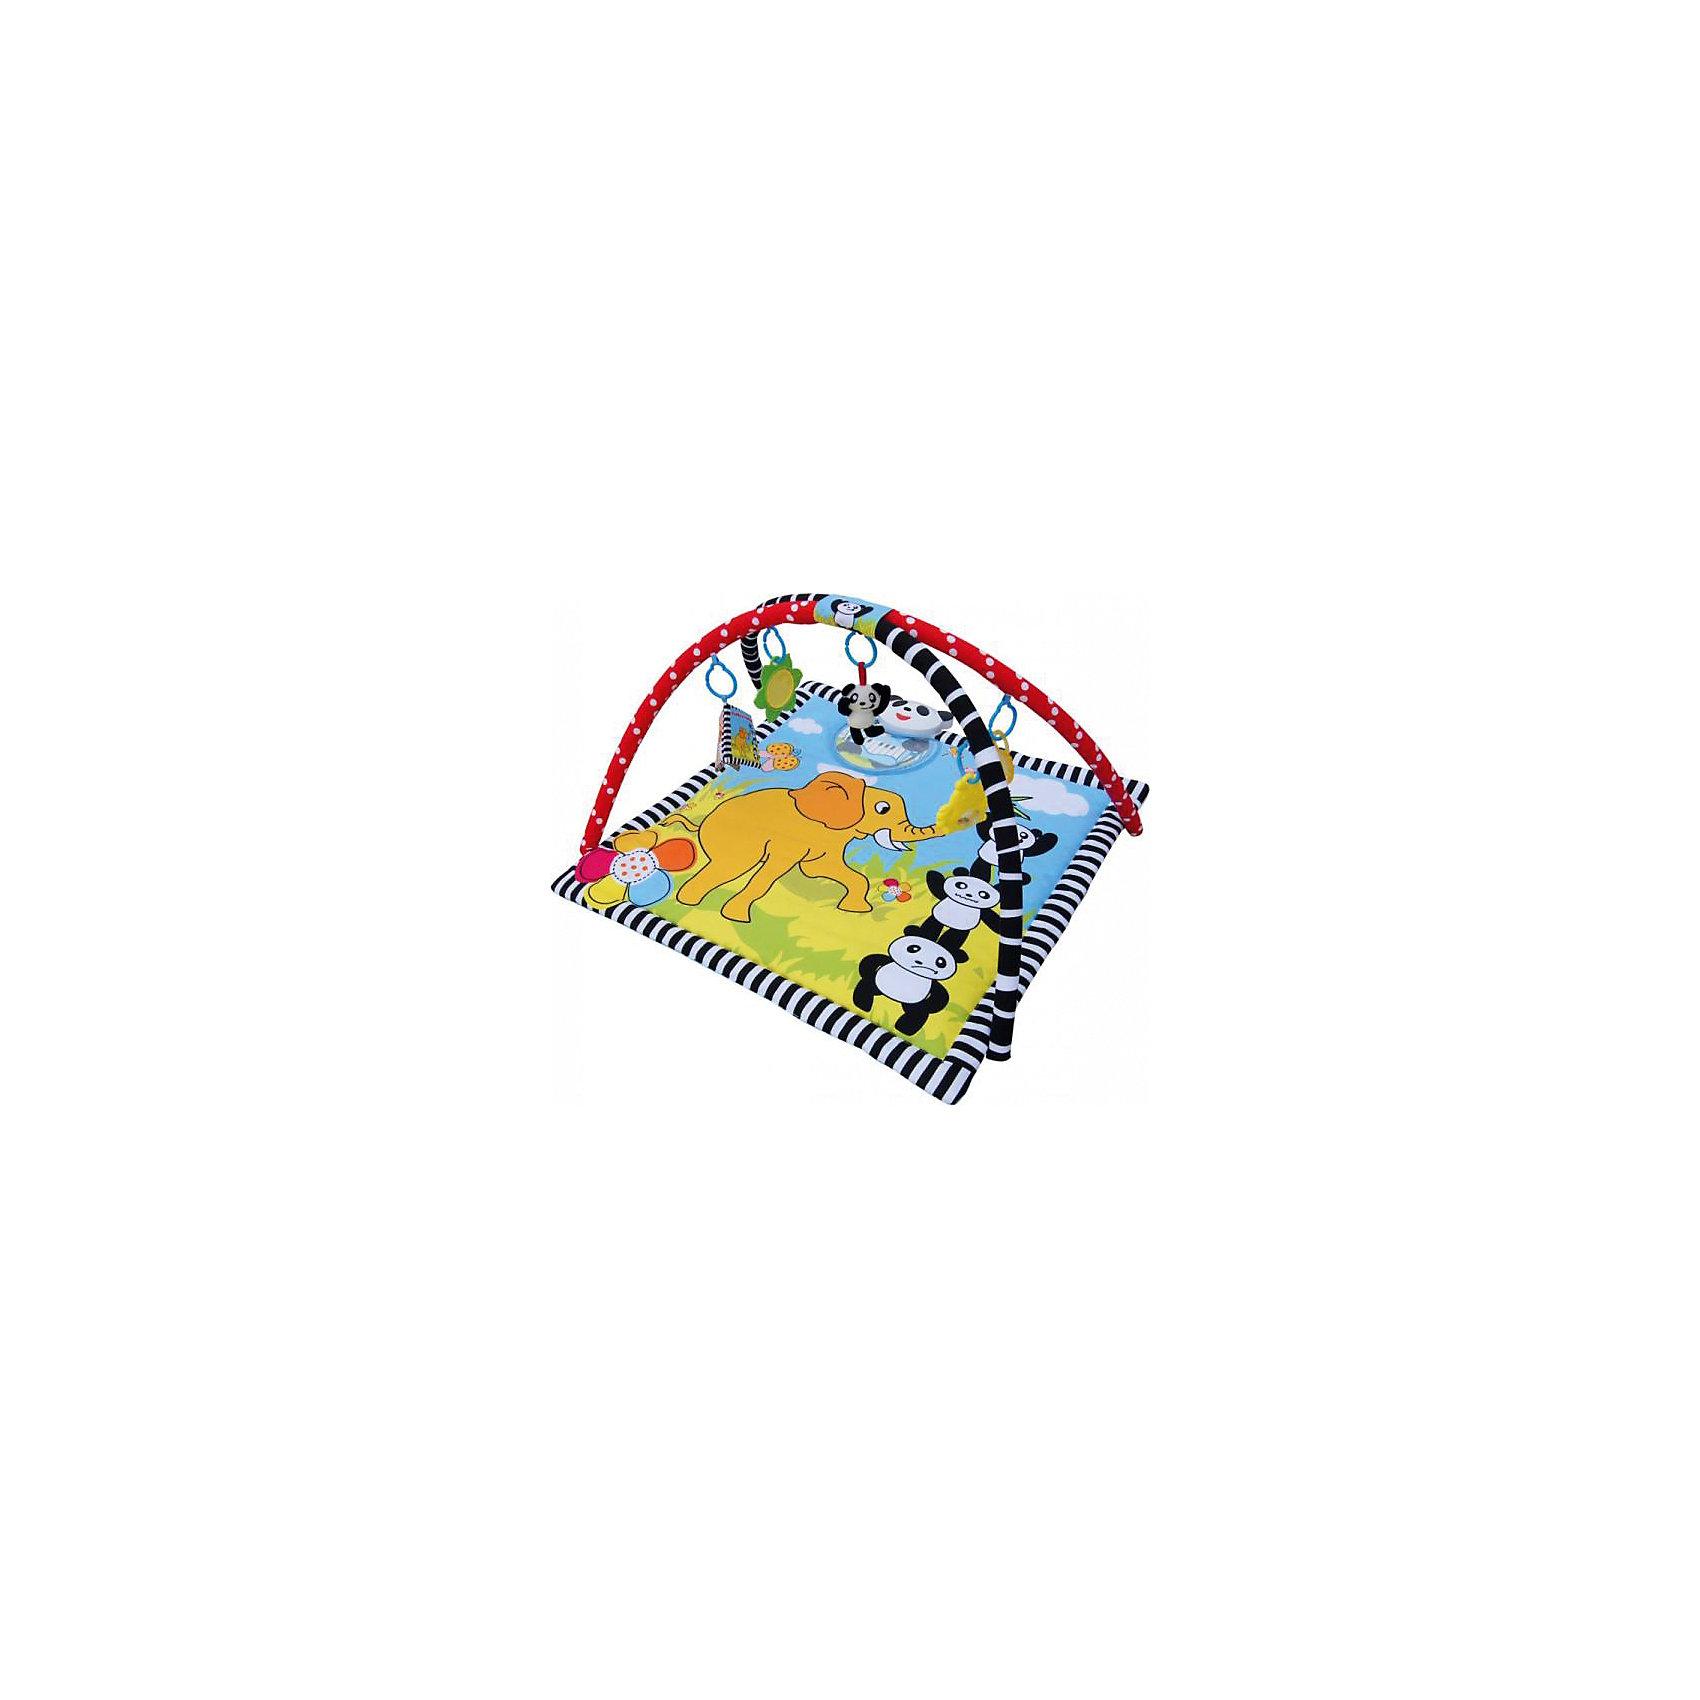 Развивающий коврик Панда в раю, LaDiDa, жёлтый/голубойИгрушки для малышей<br>Яркий развивающий коврик обязательно привлечет внимание малышей, надолго их заинтересует и поможет развить моторику, хватательный рефлекс и цветовосприятие. Коврик имеет две дуги, на которых расположены очаровательные игрушки. Подвески выполнены из материалов различных фактур, благодаря чему ваш кроха сможет развить тактильные ощущения, играя с ними. Коврик оснащен встроенной музыкальной шкатулкой с клавиатурой (7 нот), носик панды является кнопкой включения музыки, кроме того, глаза подвесного мишки мигают огоньками. Коврик выполнен из высококачественных материалов, в производстве изделия использованы только качественные безопасные для детей красители. Коврик компактно складывается, удобен в хранении и транспортировке.<br><br>Дополнительная информация:<br><br>- Материал: пластик, текстиль.<br>- Комплектация: коврик с двумя дугами, 5 подвесок (плюшевая погремушка-панда, пластиковая погремушка-цыпленок, мягкая книжка, зеркальце, прорезыватель).<br>- Размер: 87x87x50 см.<br>- Музыкальный модуль.<br>- Огоньки. <br>- Легко стирается. <br><br>Развивающий коврик Панда в раю, LaDiDa, жёлтый/голубой, можно купить в нашем магазине.<br><br>Ширина мм: 575<br>Глубина мм: 500<br>Высота мм: 75<br>Вес г: 800<br>Возраст от месяцев: 0<br>Возраст до месяцев: 36<br>Пол: Унисекс<br>Возраст: Детский<br>SKU: 4443756